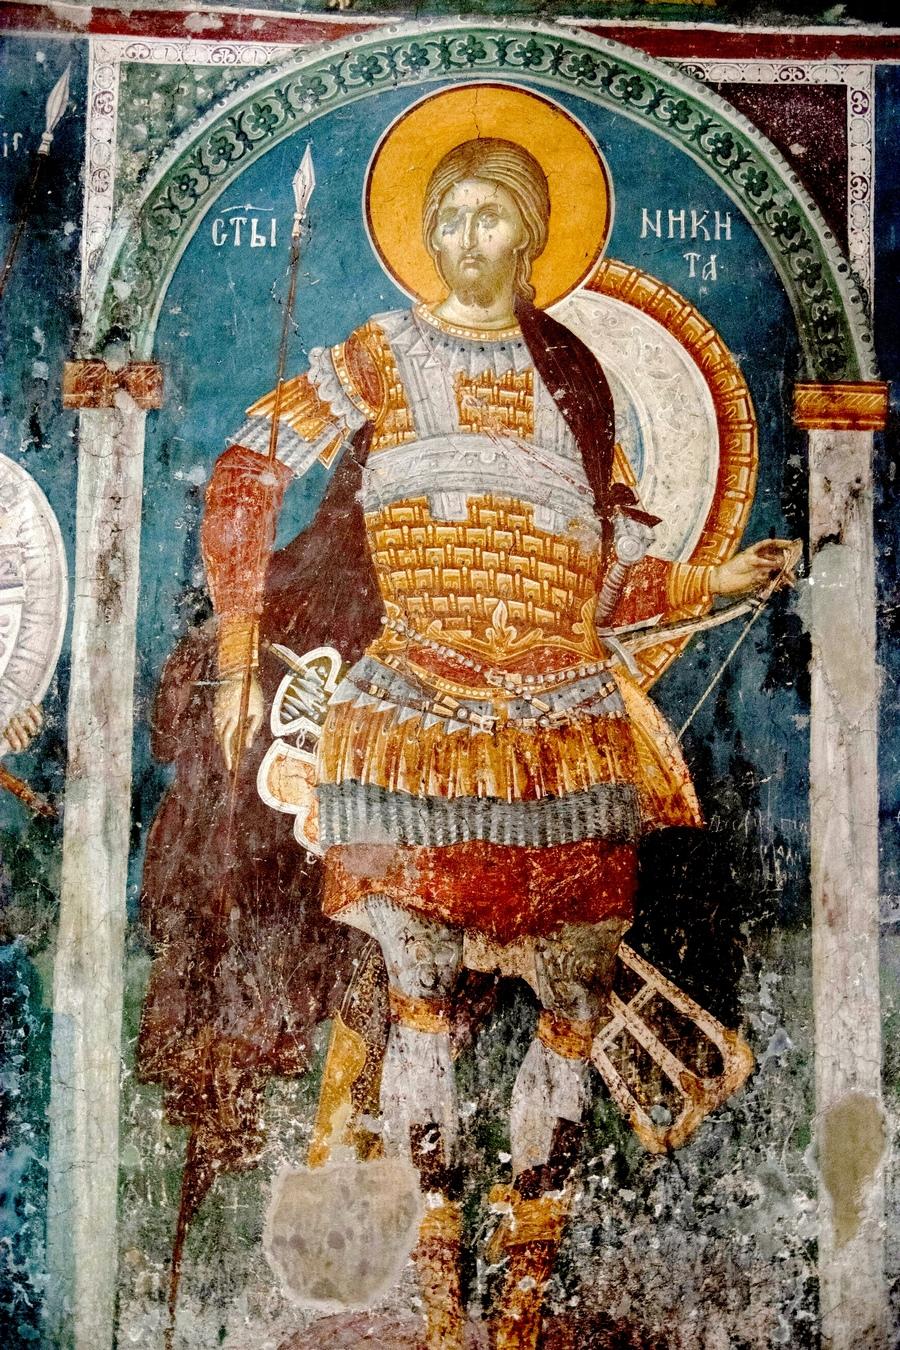 Святой Великомученик Никита Готфский. Фреска монастыря Святого Никиты в Чучере близ Скопье, Македония. Около 1316 года. Иконописцы Михаил Астрапа и Евтихий.